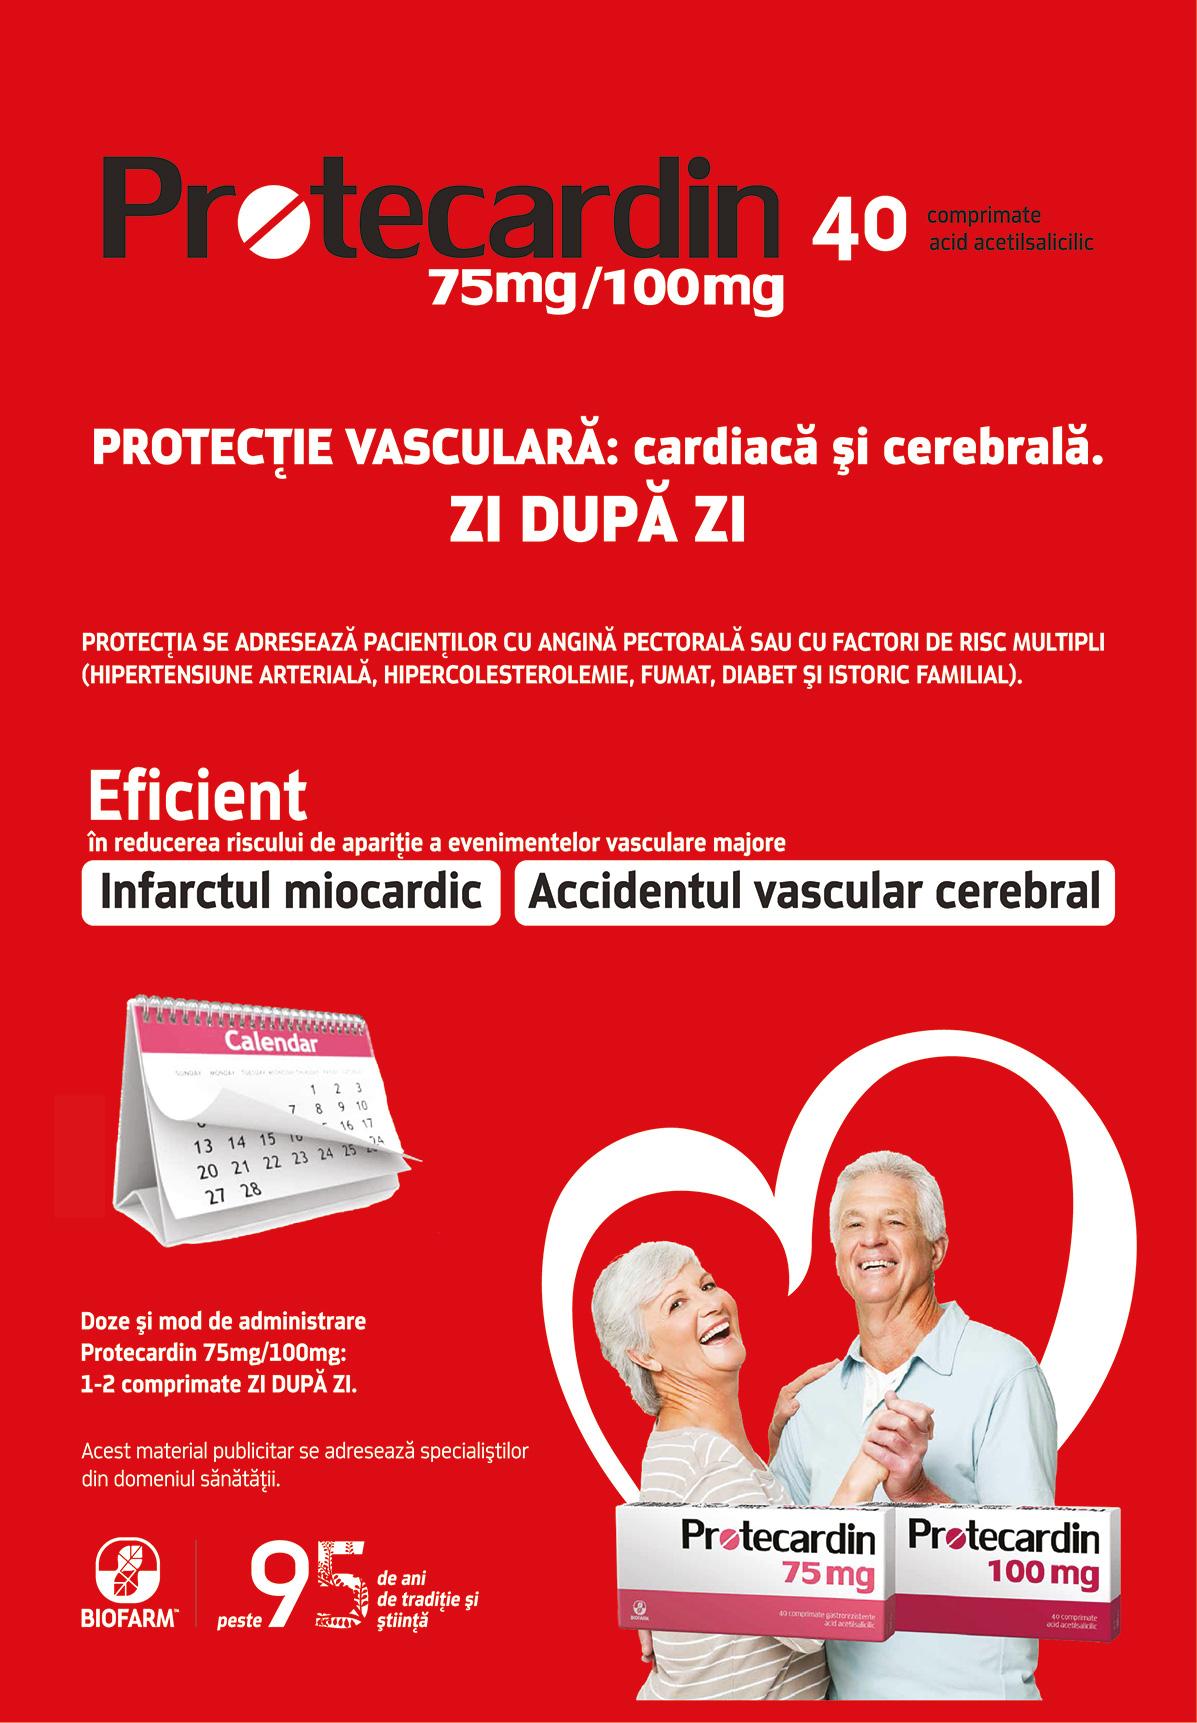 Protecardin